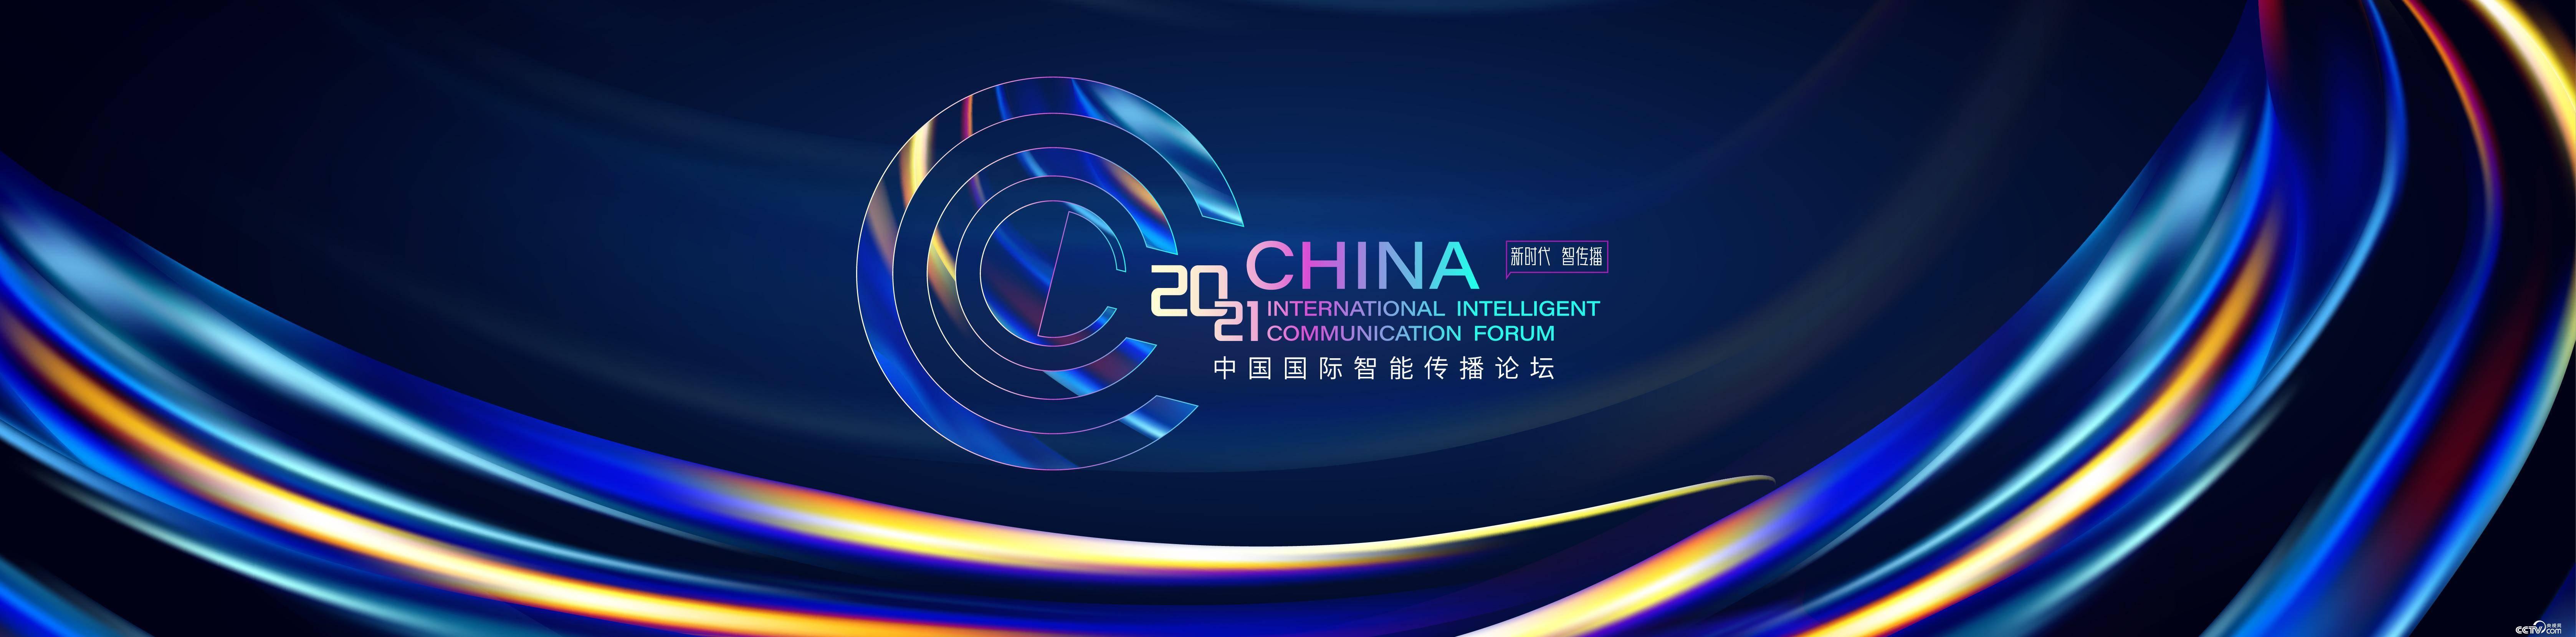 """智""""汇""""无锡!2021中国国际智能传播论坛四大看点敬请期待"""